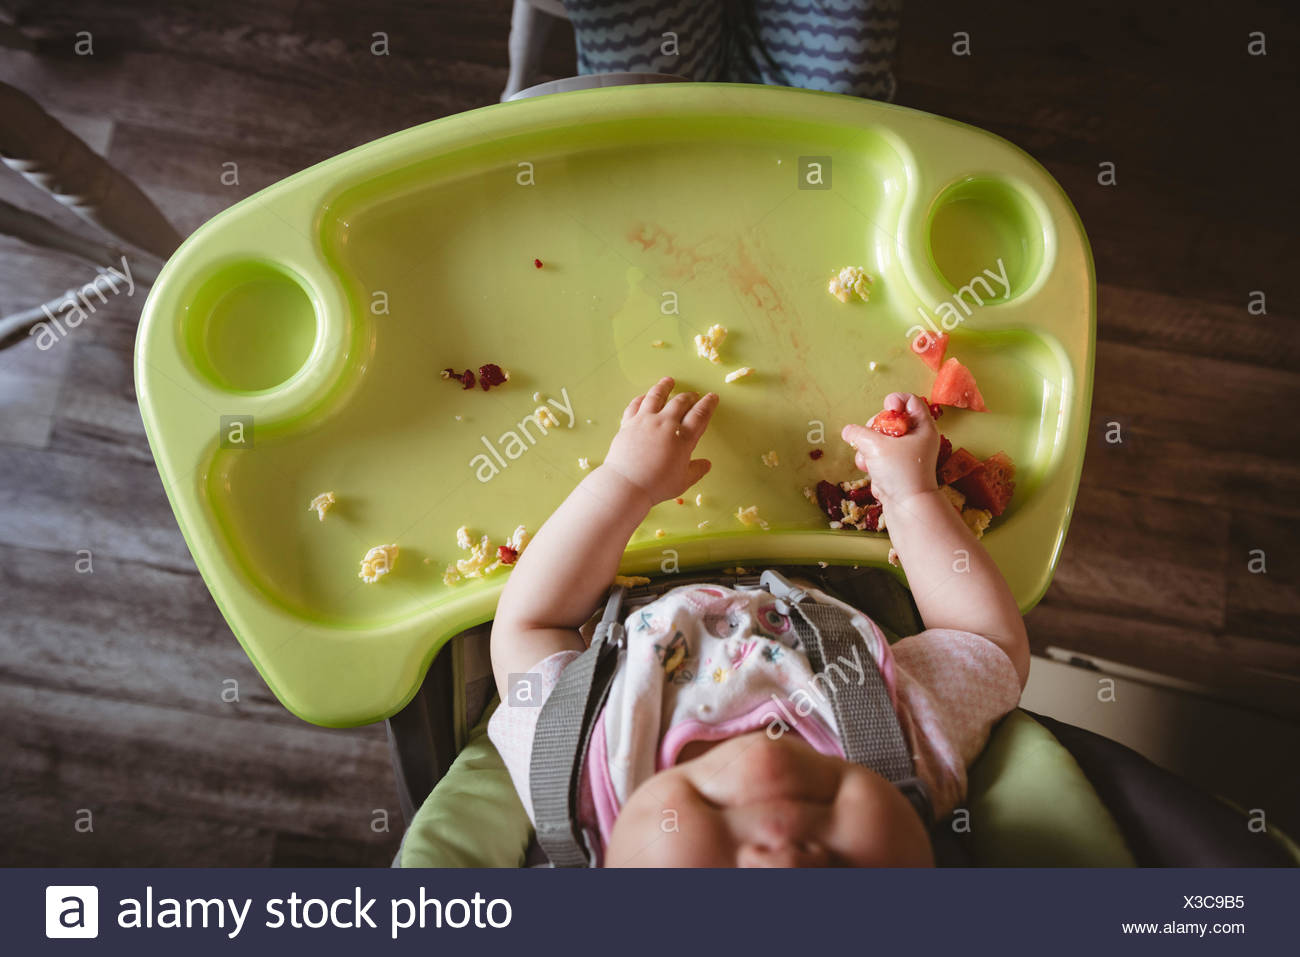 Frais généraux de bébé assis dans une chaise haute Photo Stock